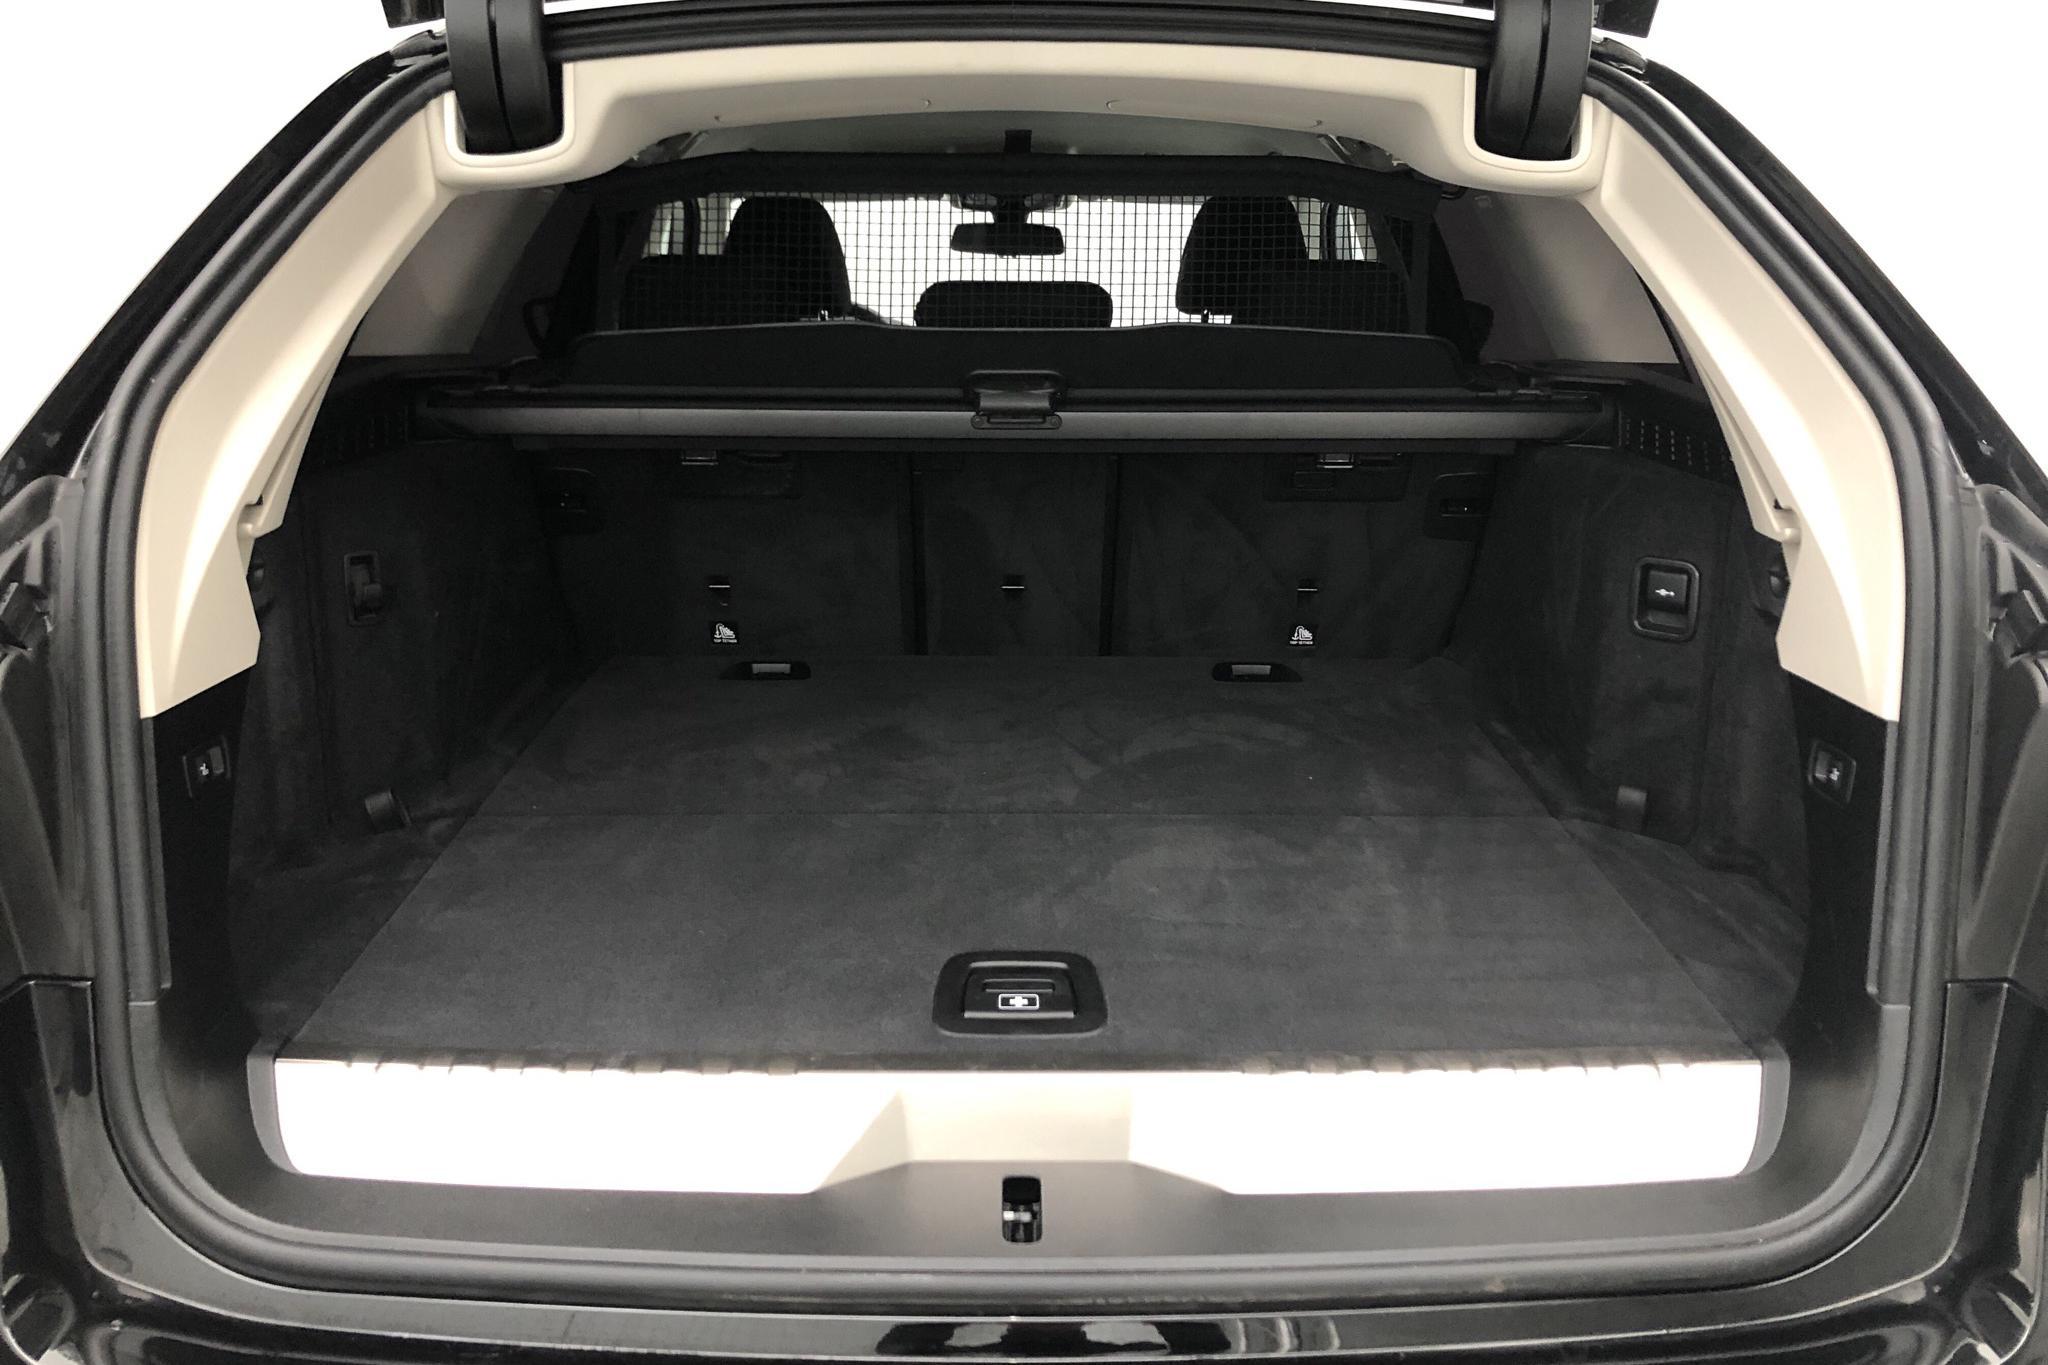 BMW 530e xDrive Touring, G31 12kWh LCI (292hk) - 4 060 km - Automatic - black - 2021